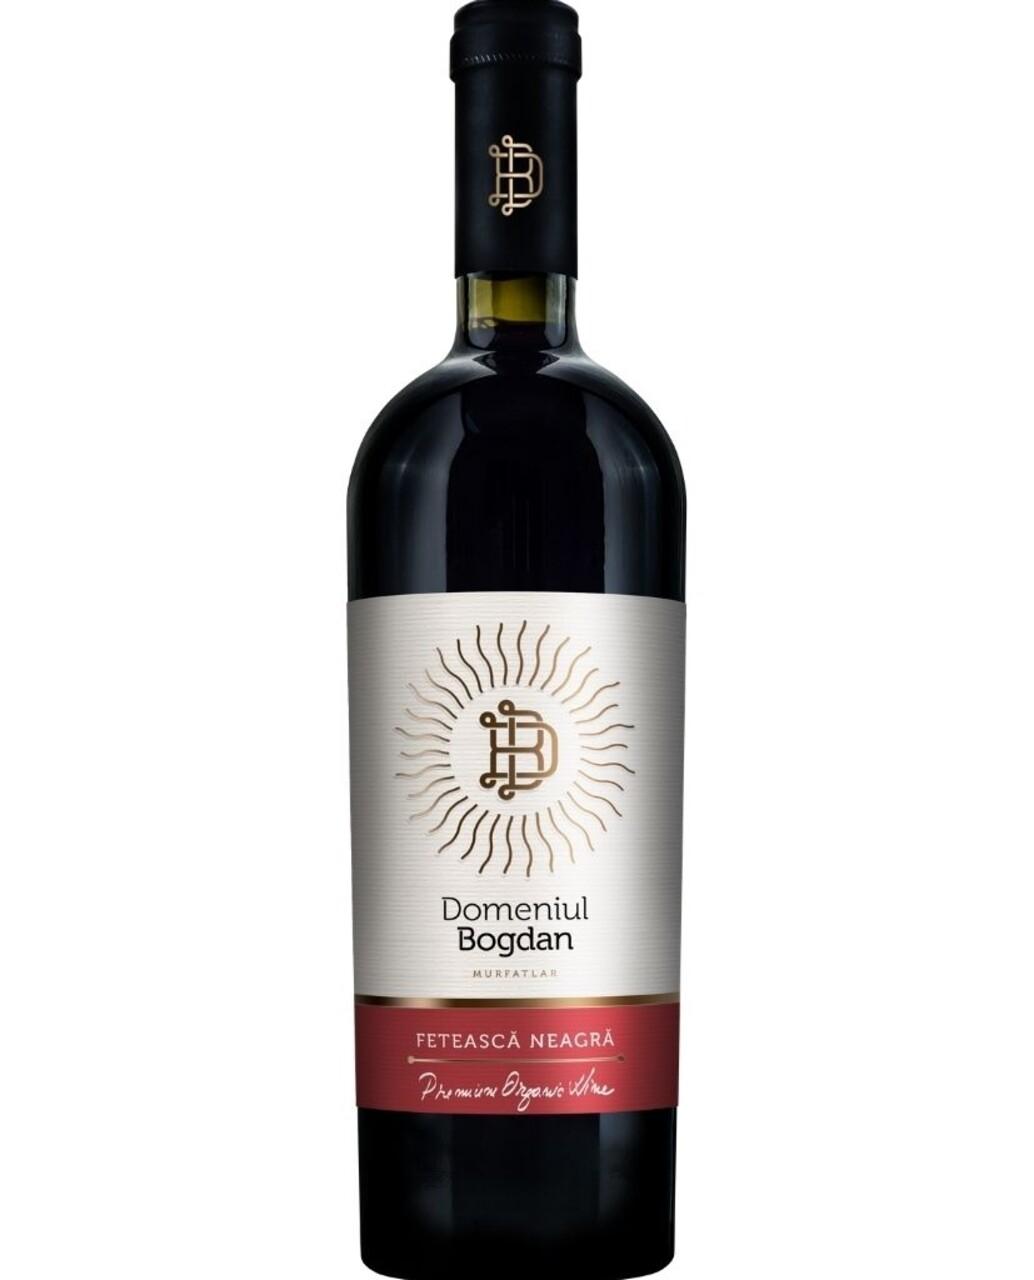 Domeniul Bogdan Premium Feteasca Neagra